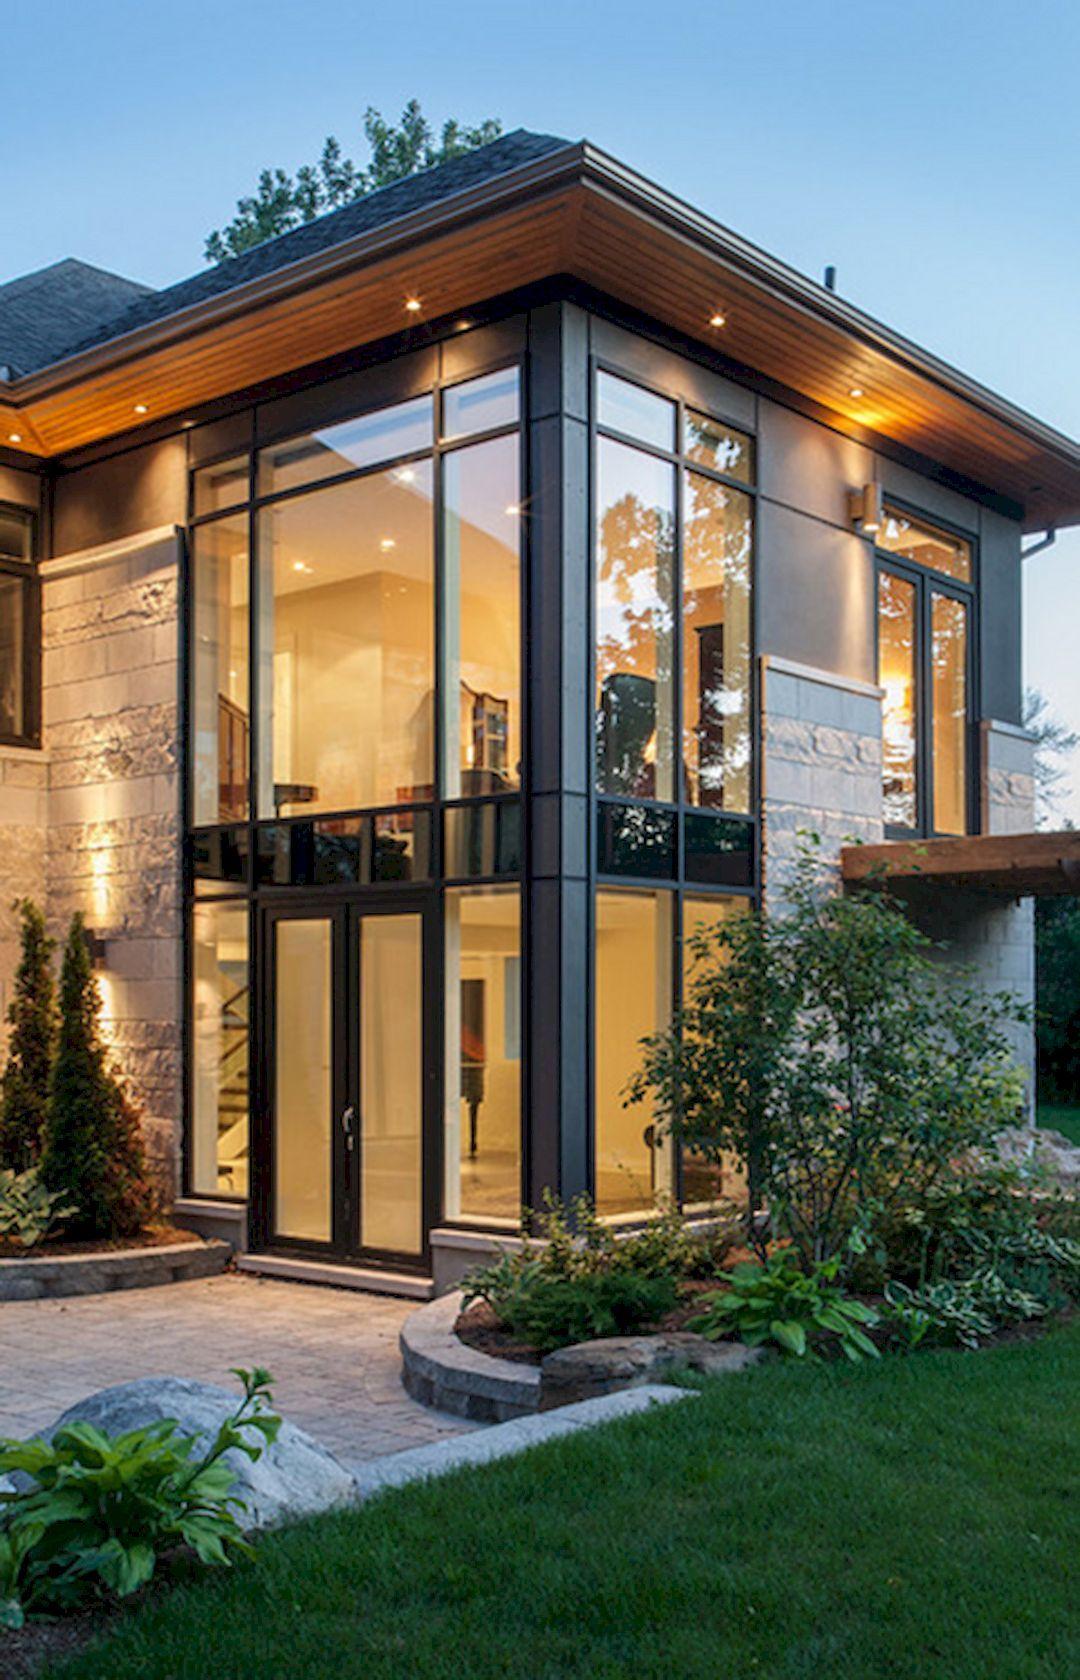 House With Orange Taste Modern Interior Design With Orange Taste In A Comfortable House Dream House Exterior Exterior Design Architecture